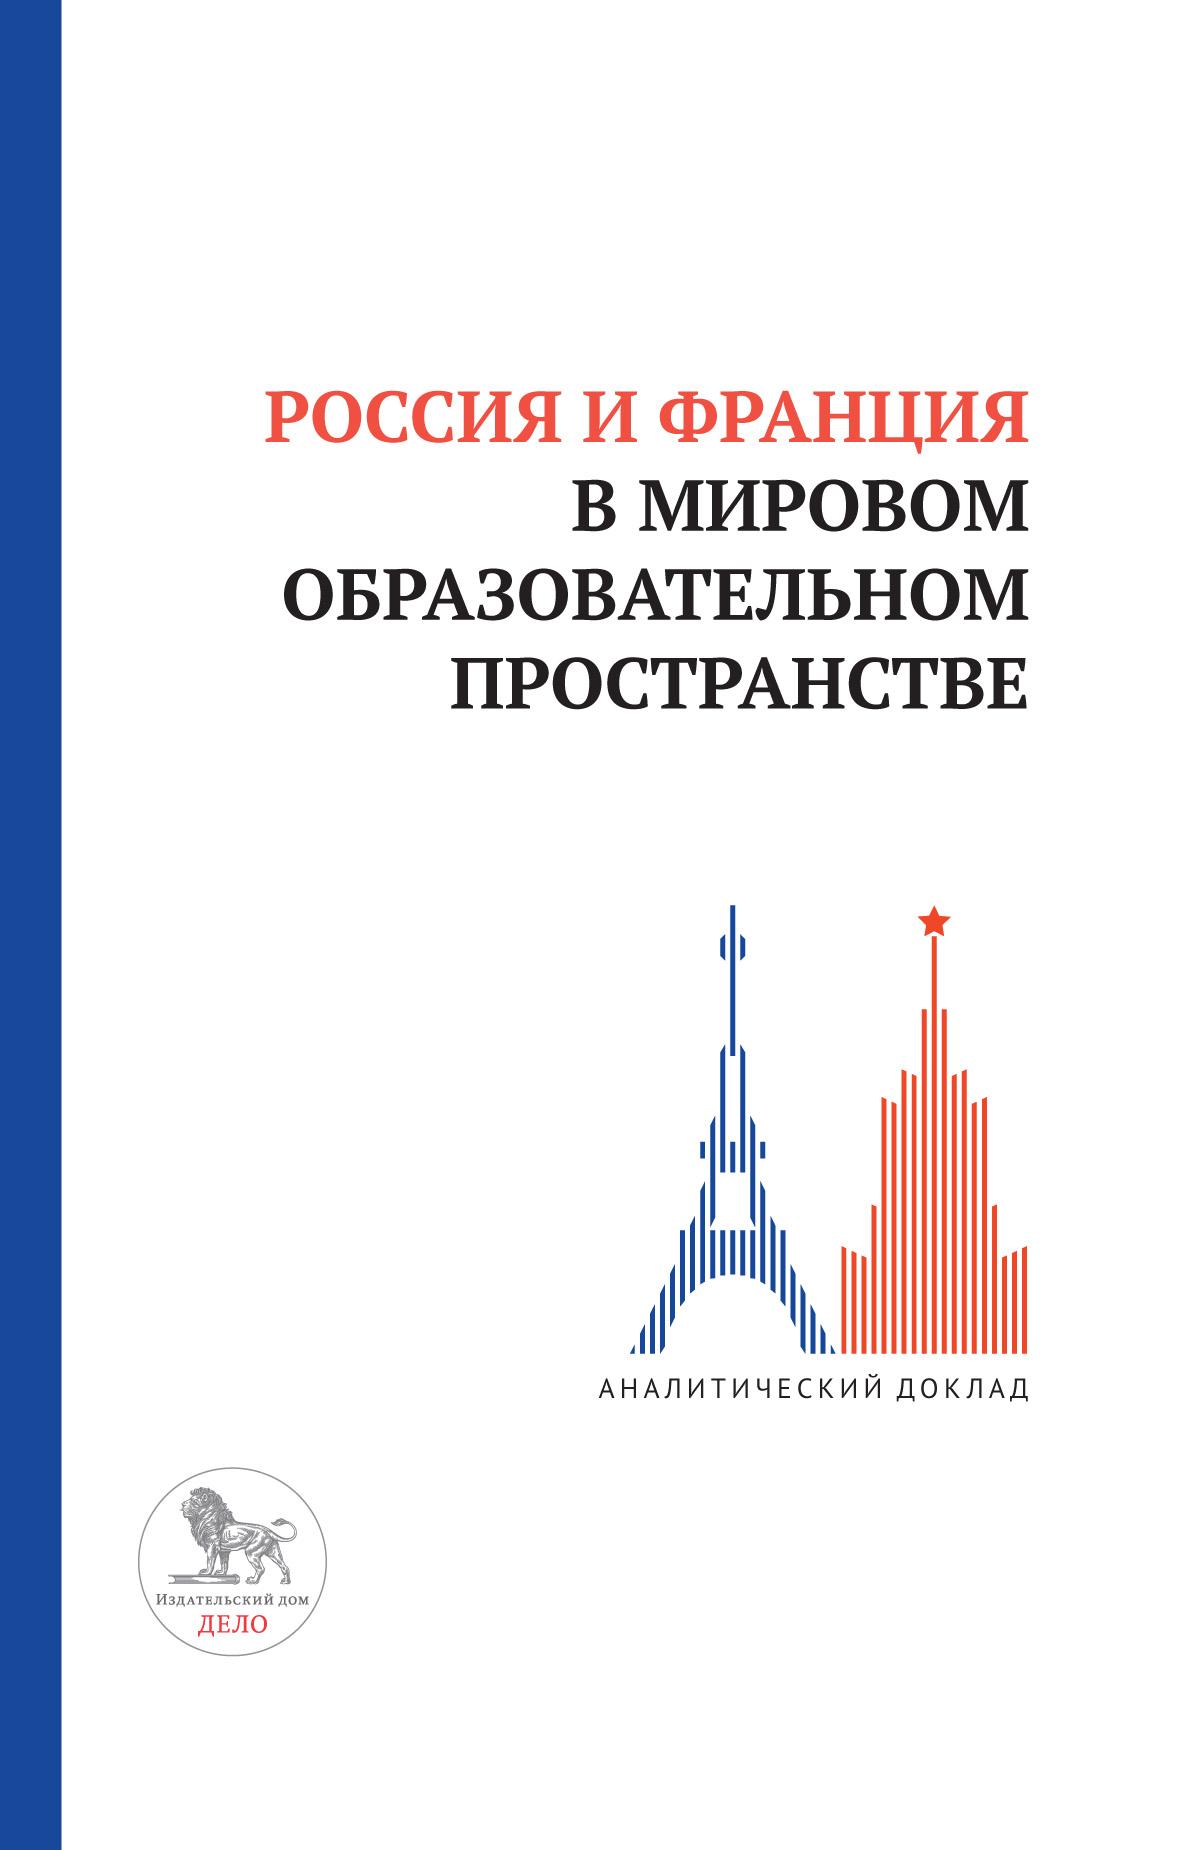 Россия и Франция в мировом образовательном пространстве